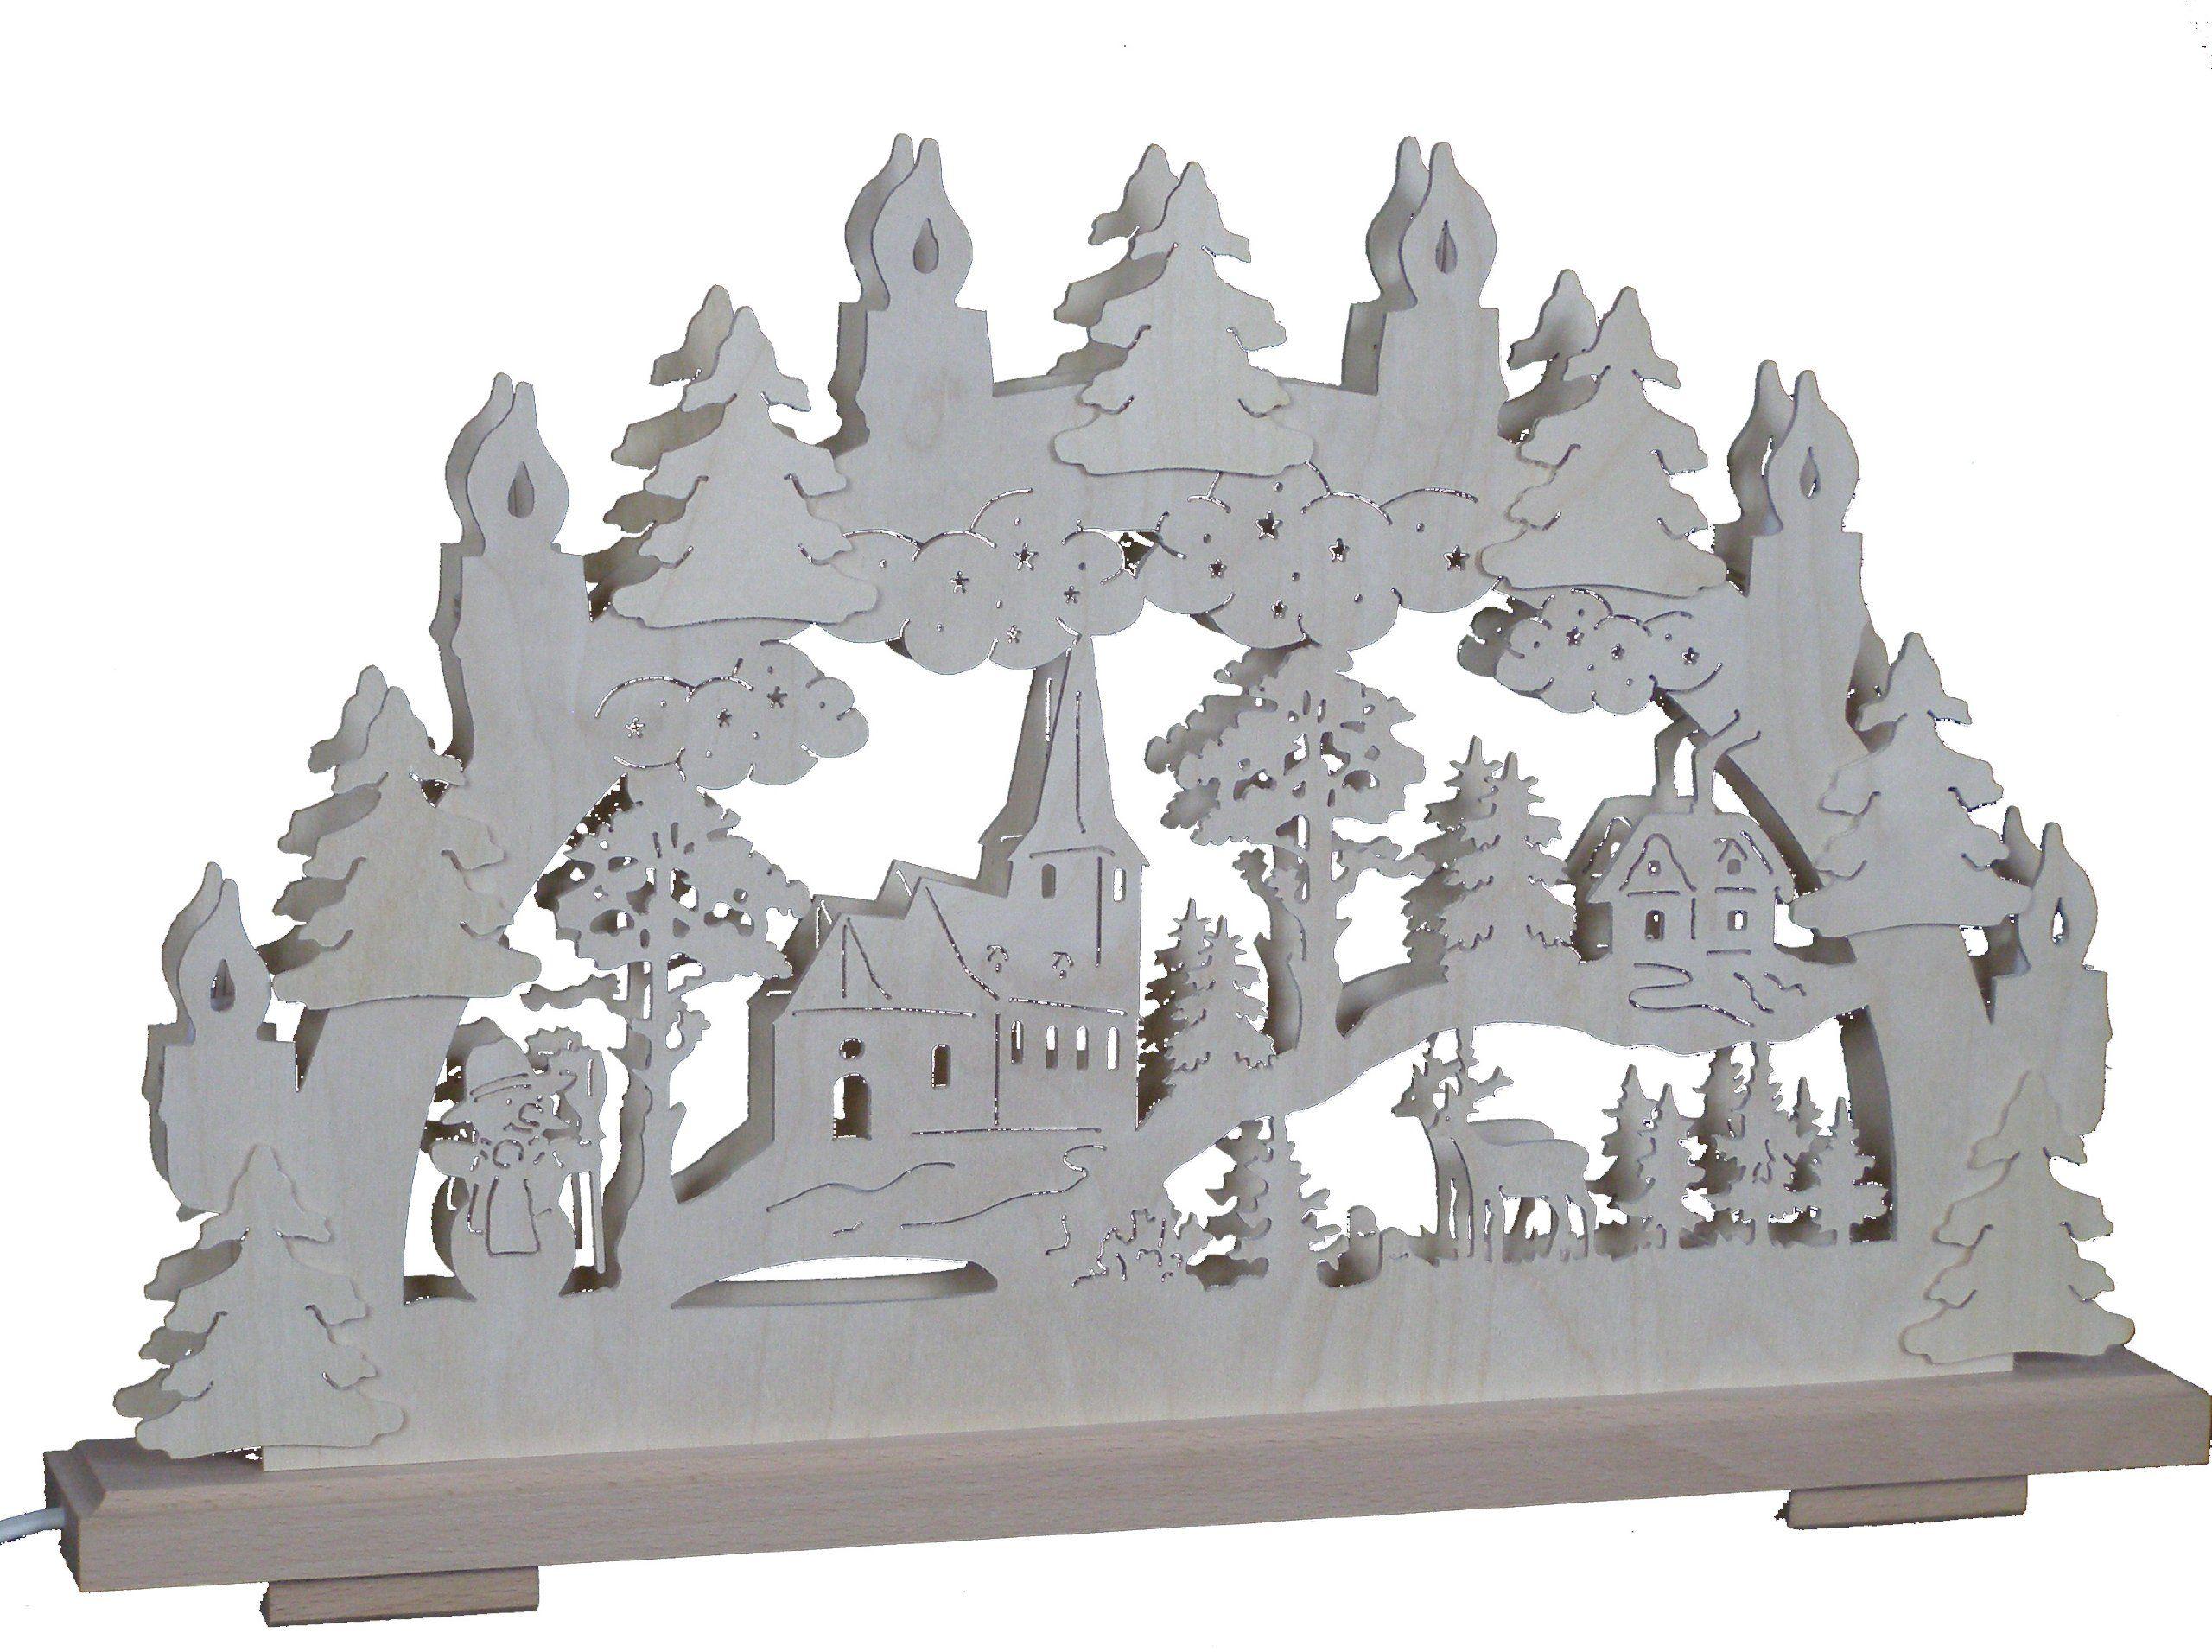 SchwibboLa SB 1-130 Schwibbogen z Rudaw podwójny świecznik z certyfikatem SB 1-130, 50 x 30 cm